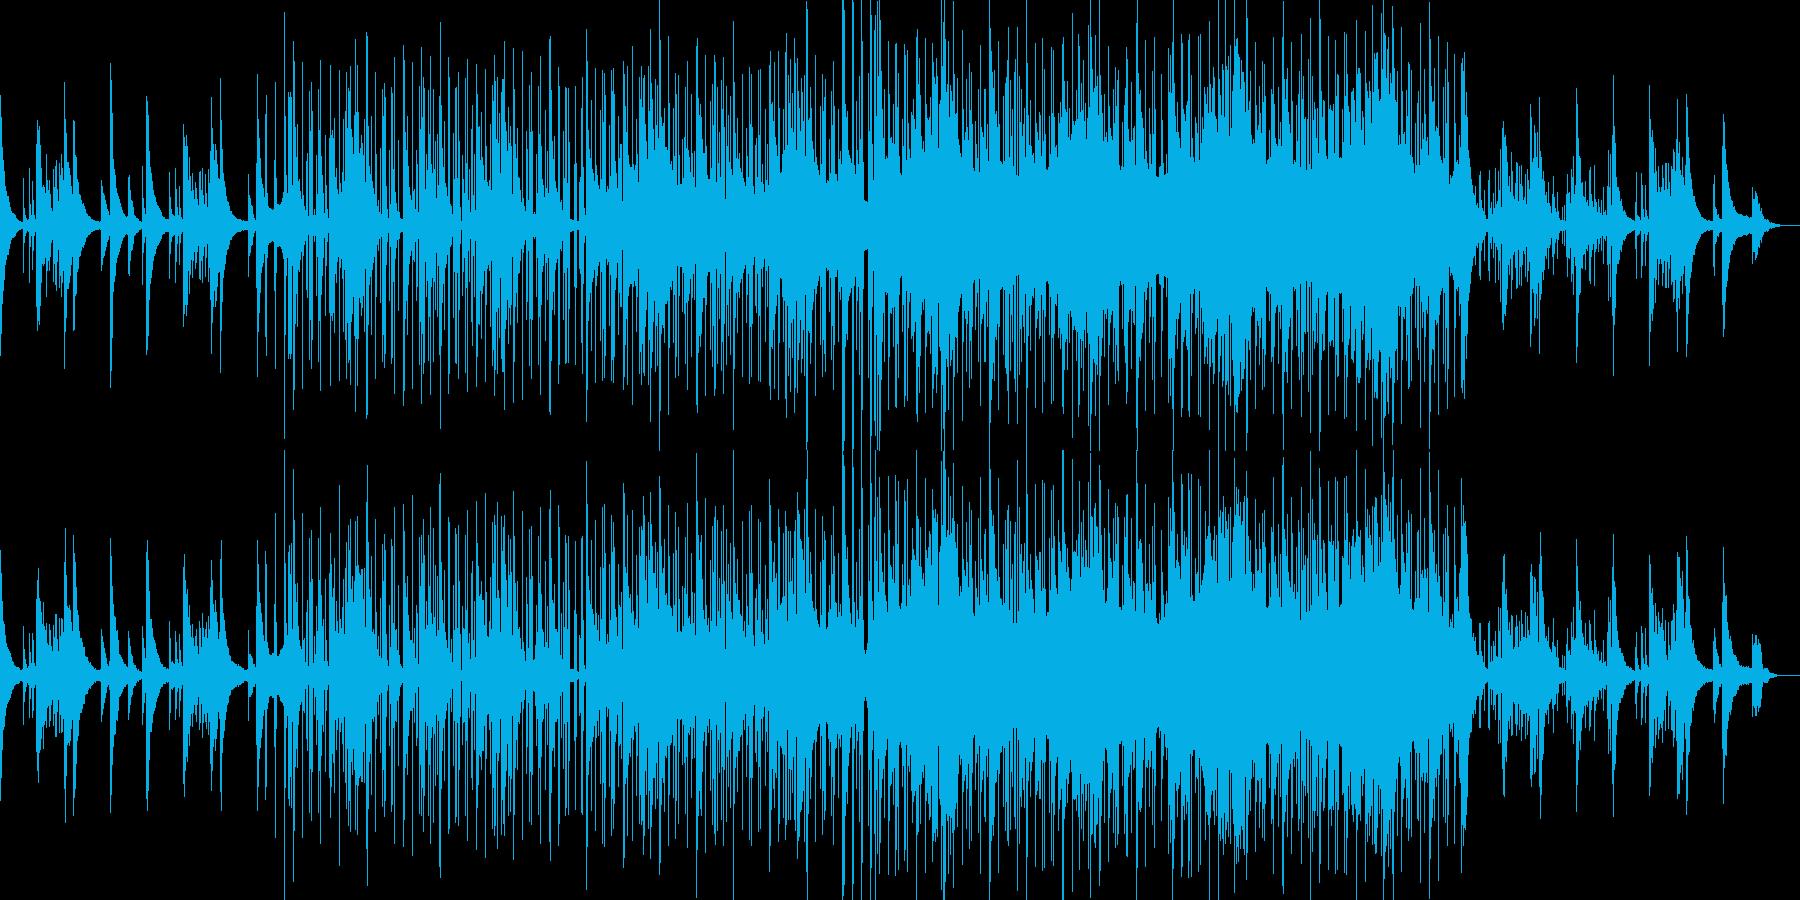 ピアノの美しい旋律が印象的なジャズの再生済みの波形